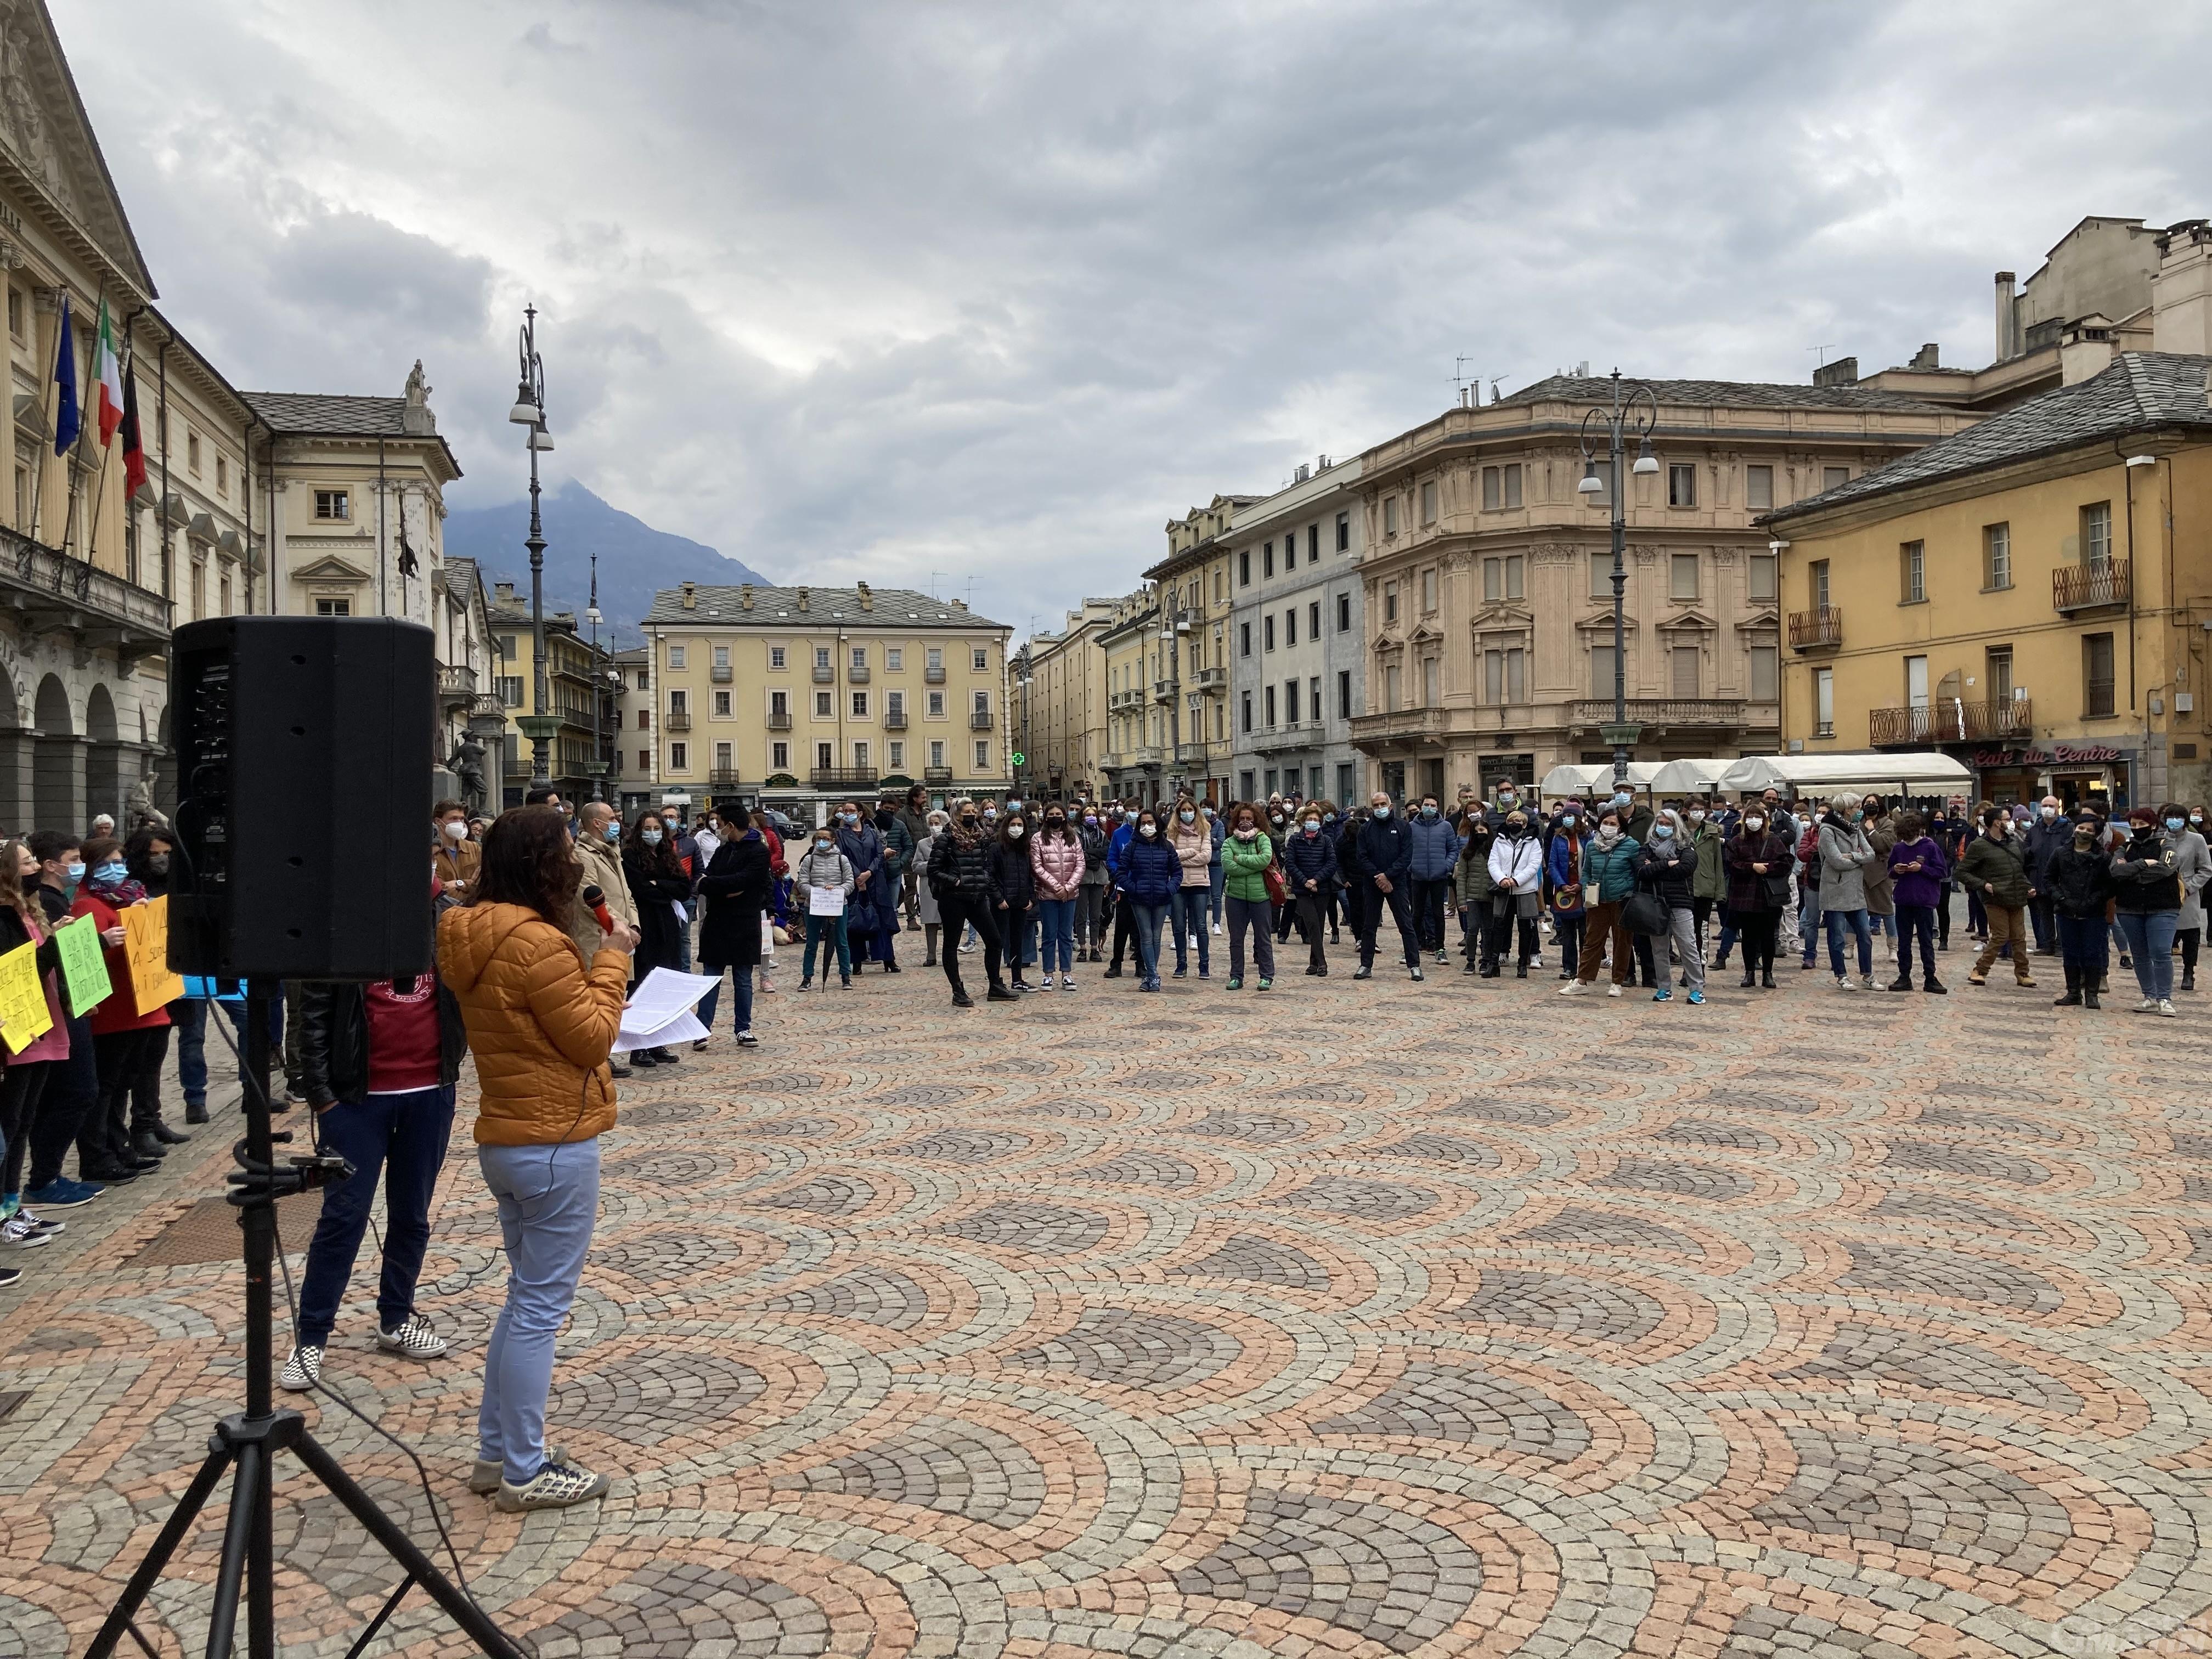 Aosta, Priorità alla scuola scende in piazza: «Basta DAD, è insostenibile»